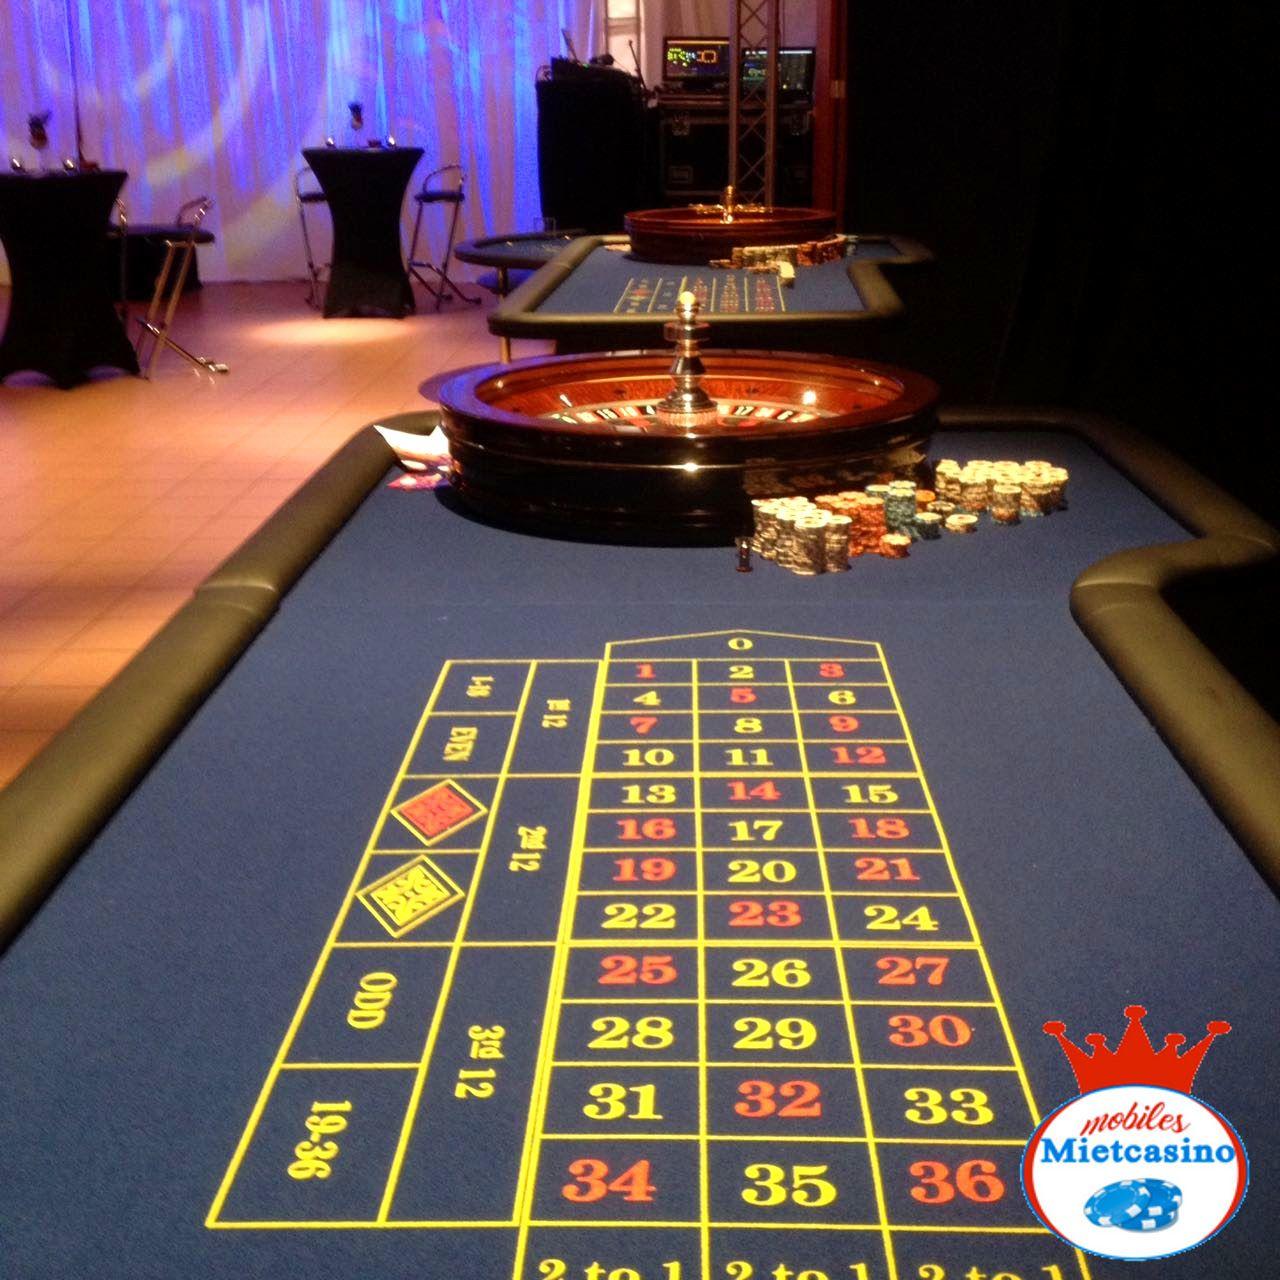 Casino Roulette Spieltisch mit Roulette Kessel  American Roulette Spieltisch in blau mit original Roulette Kessel